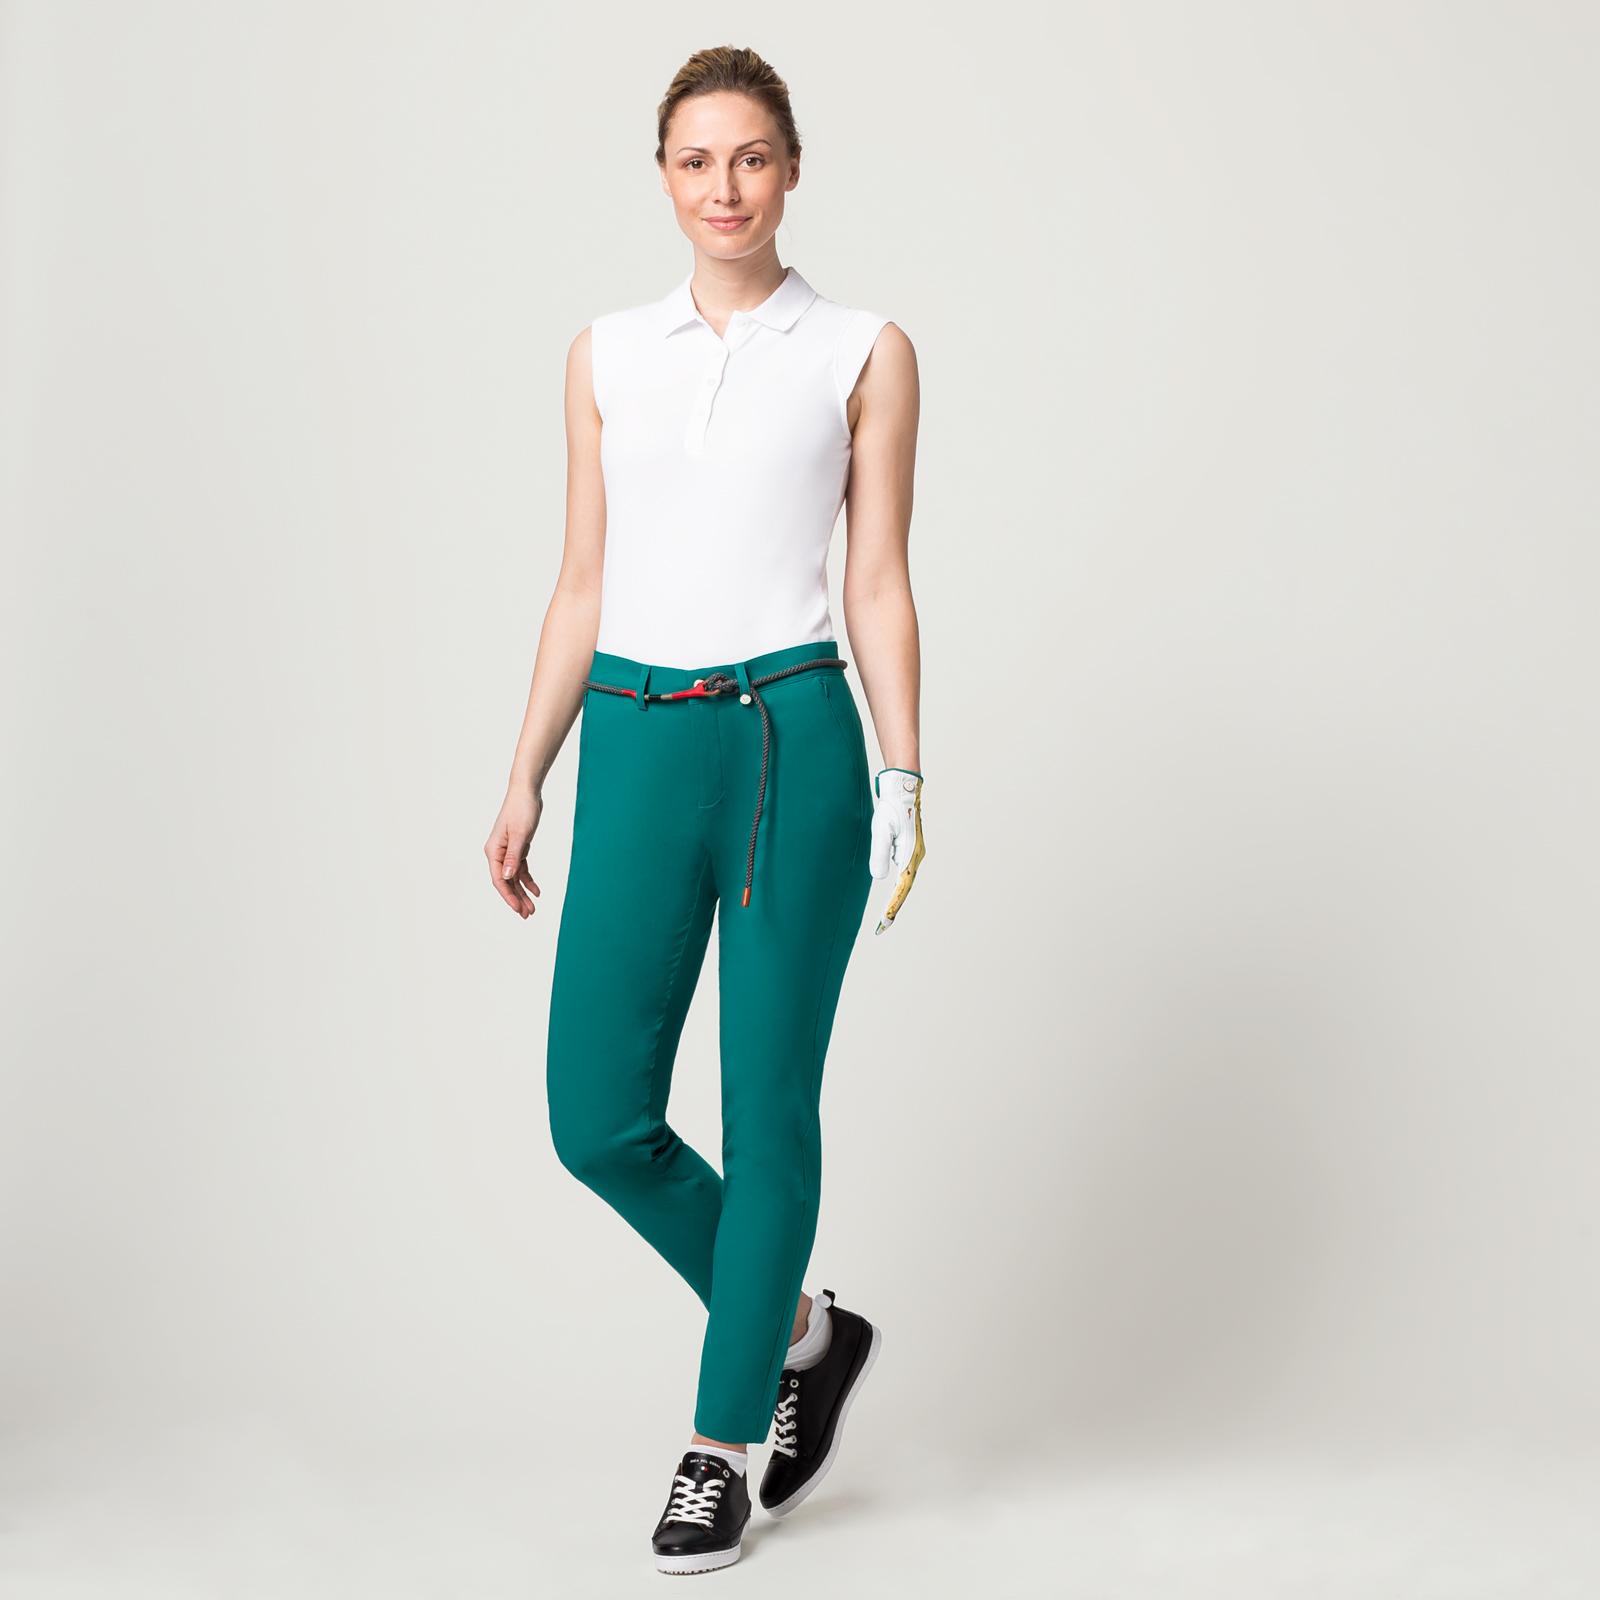 Damen 7/8 Golfhose mit Sonnenschutz aus Sofileta® Material in Slim Fit